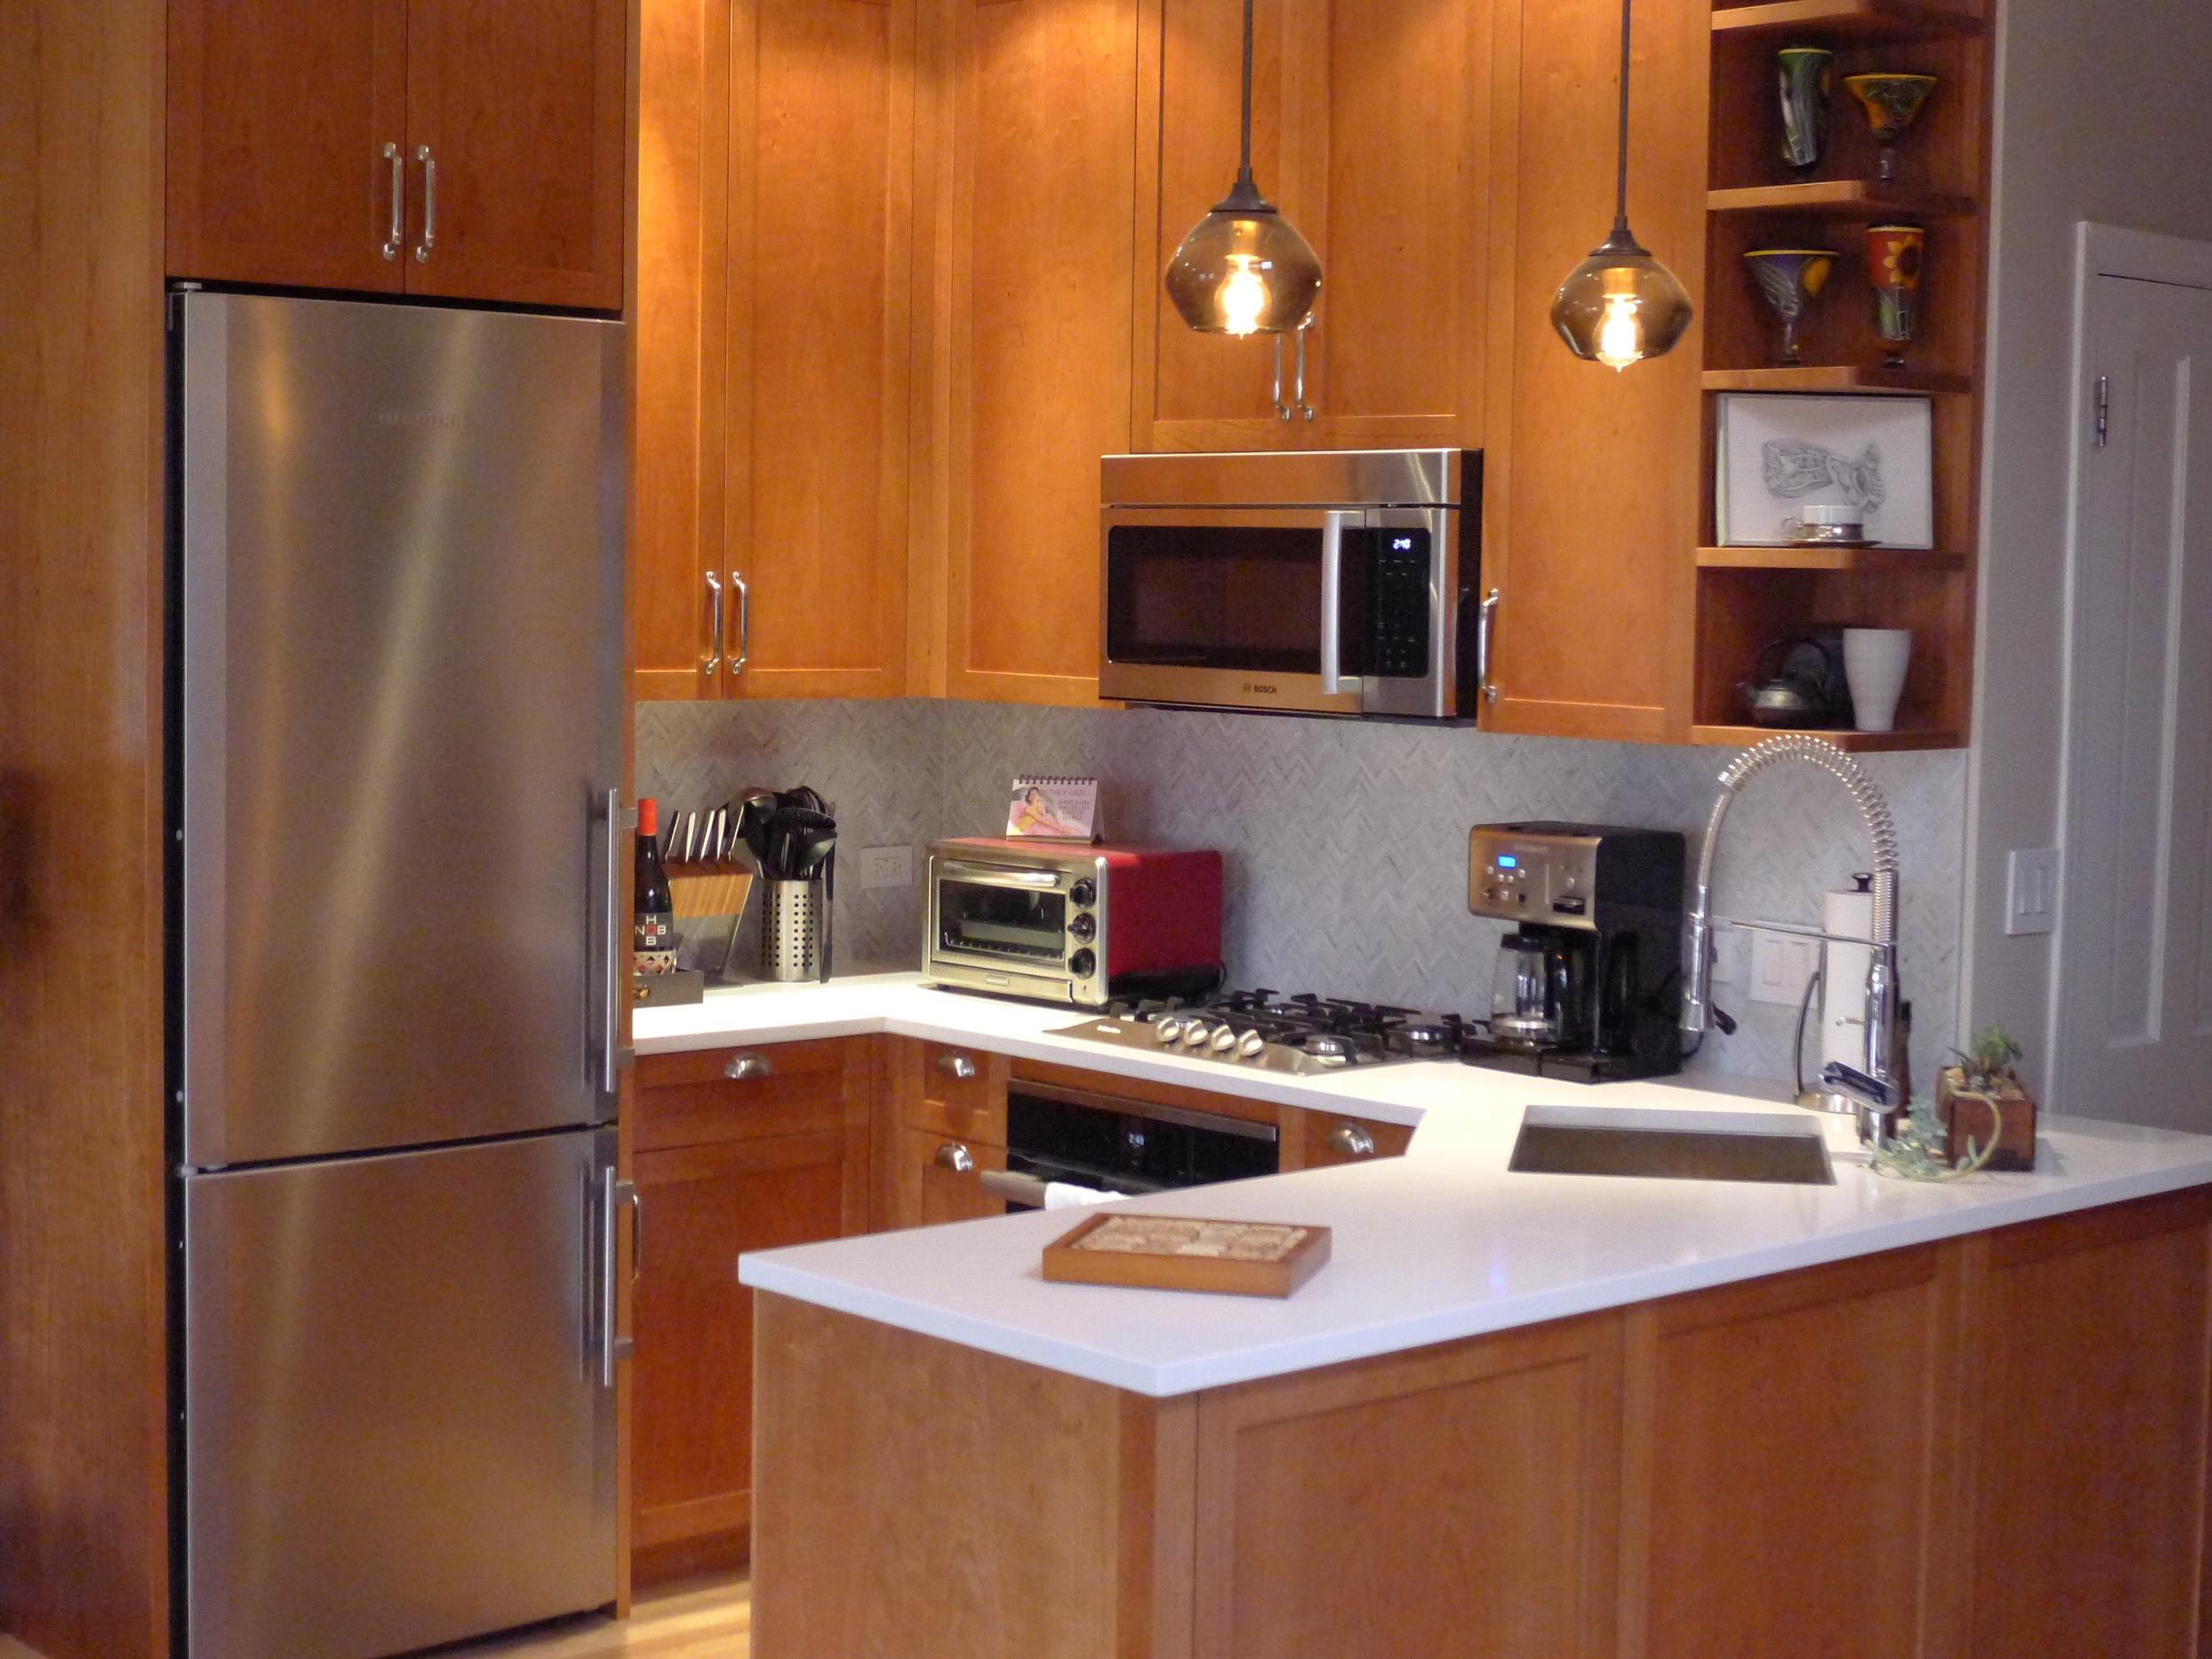 Bennett_kitchen.jpg